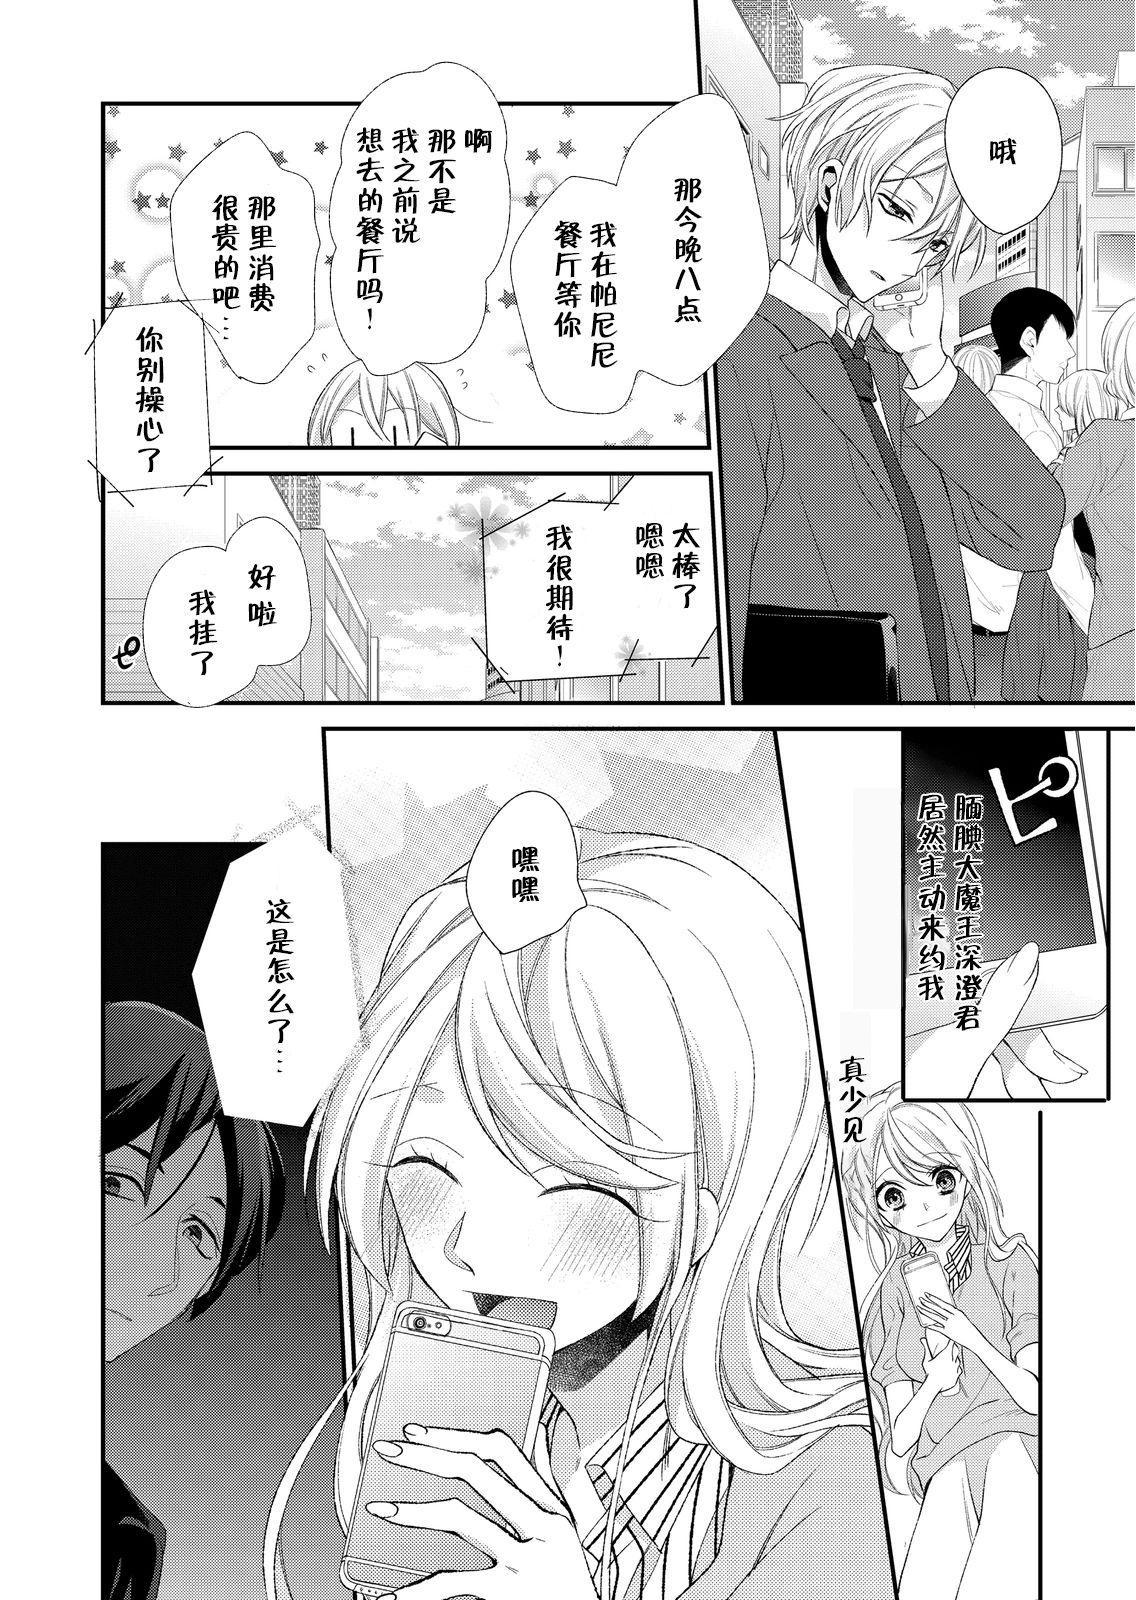 Kioku Sousitsu!? Watashi no Kareshi ha Docchi? Karada de Tameshite・・・ | 失忆!?我的男朋友到底是谁?用身体来确认…Ch. 1-2 8